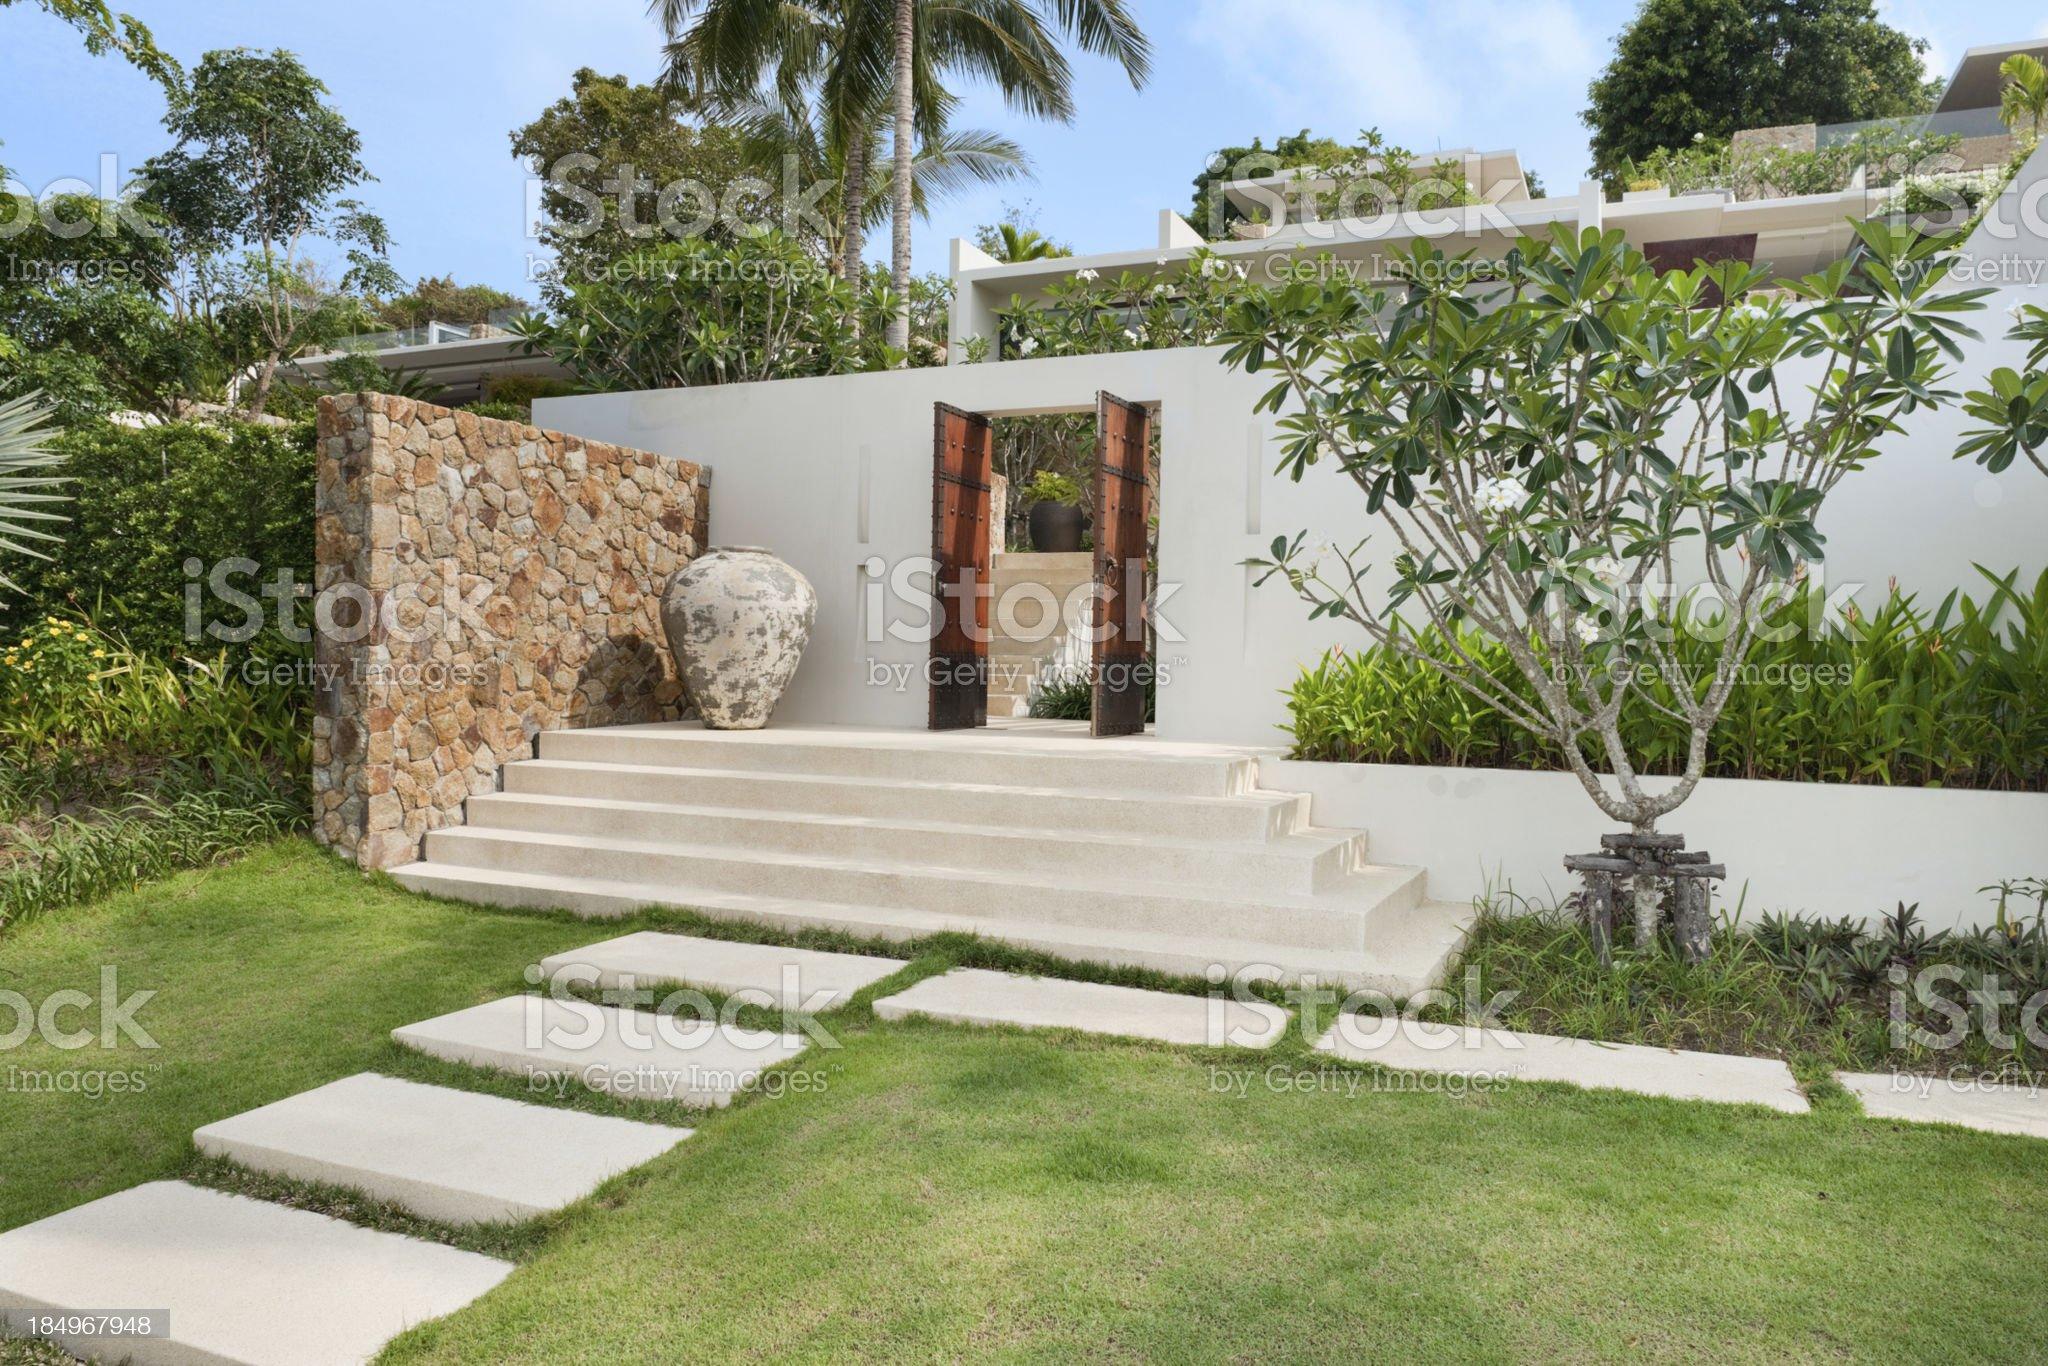 Villa In The Tropics royalty-free stock photo